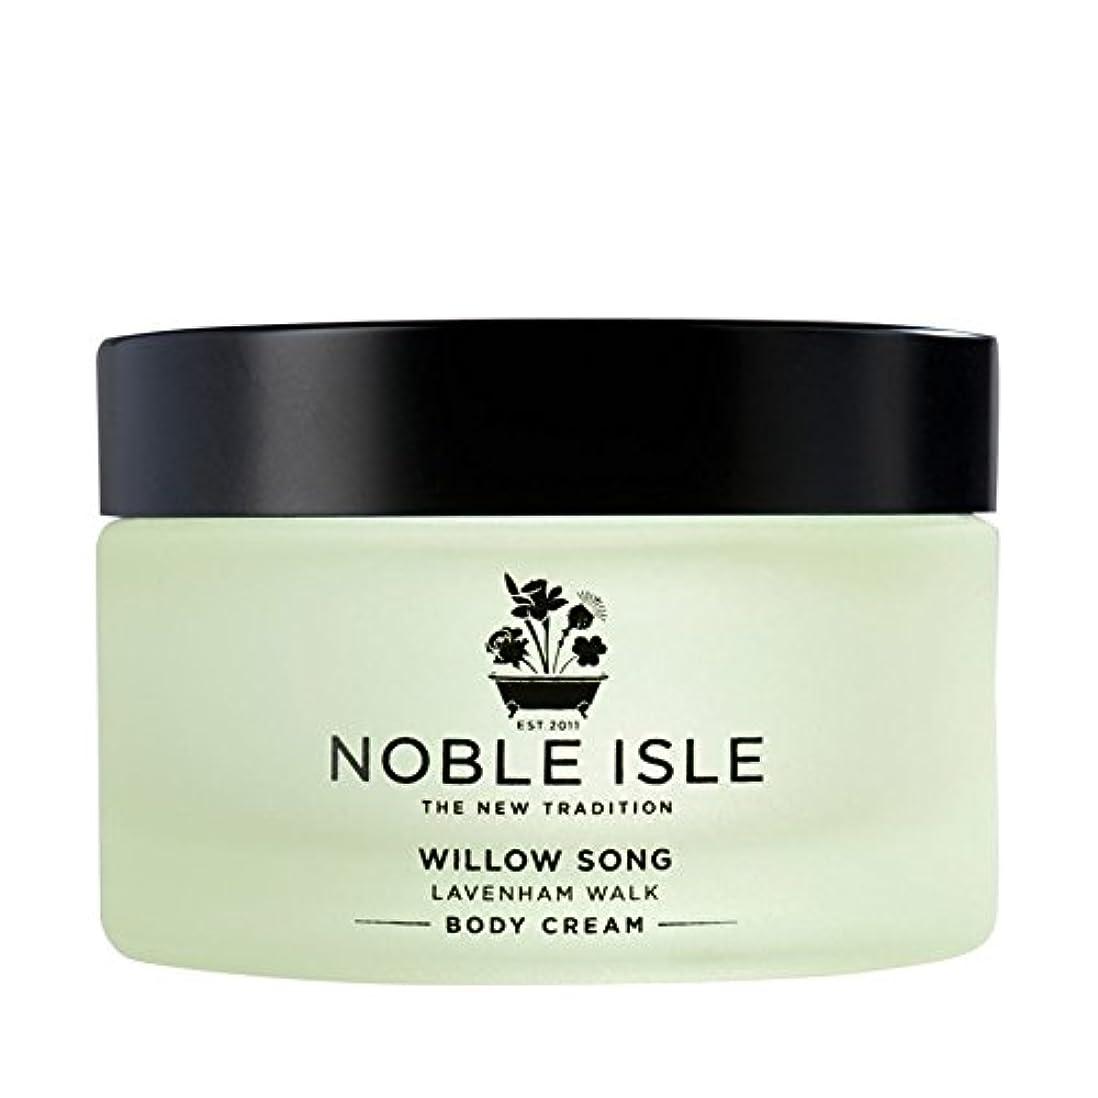 専門ペア最初に高貴な島柳の歌ラヴァンハム徒歩ボディクリーム170ミリリットル x2 - Noble Isle Willow Song Lavenham Walk Body Cream 170ml (Pack of 2) [並行輸入品]